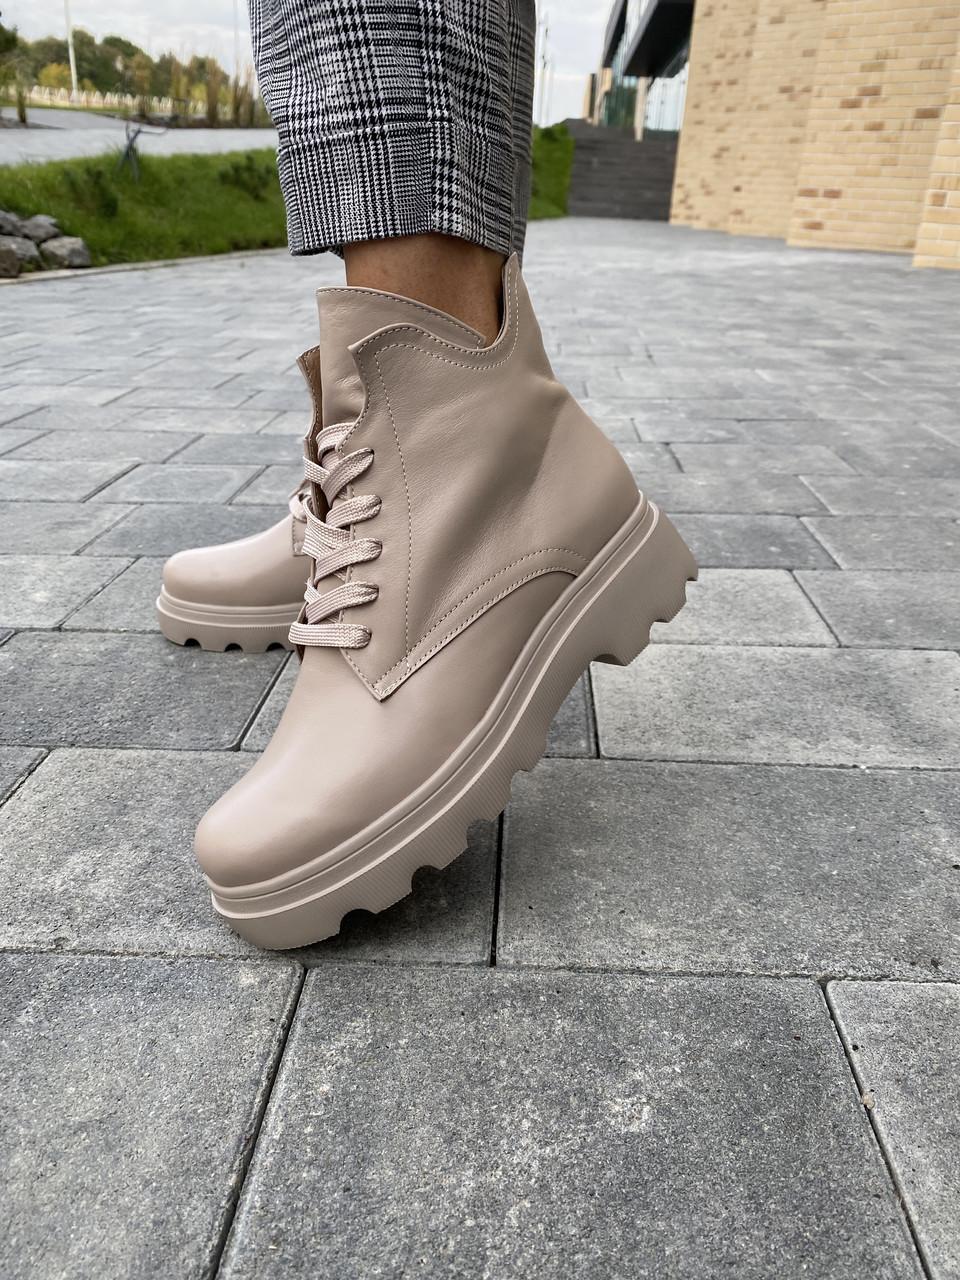 Жіночі черевики шкіряні Yuves весна/осінь байка бежеві